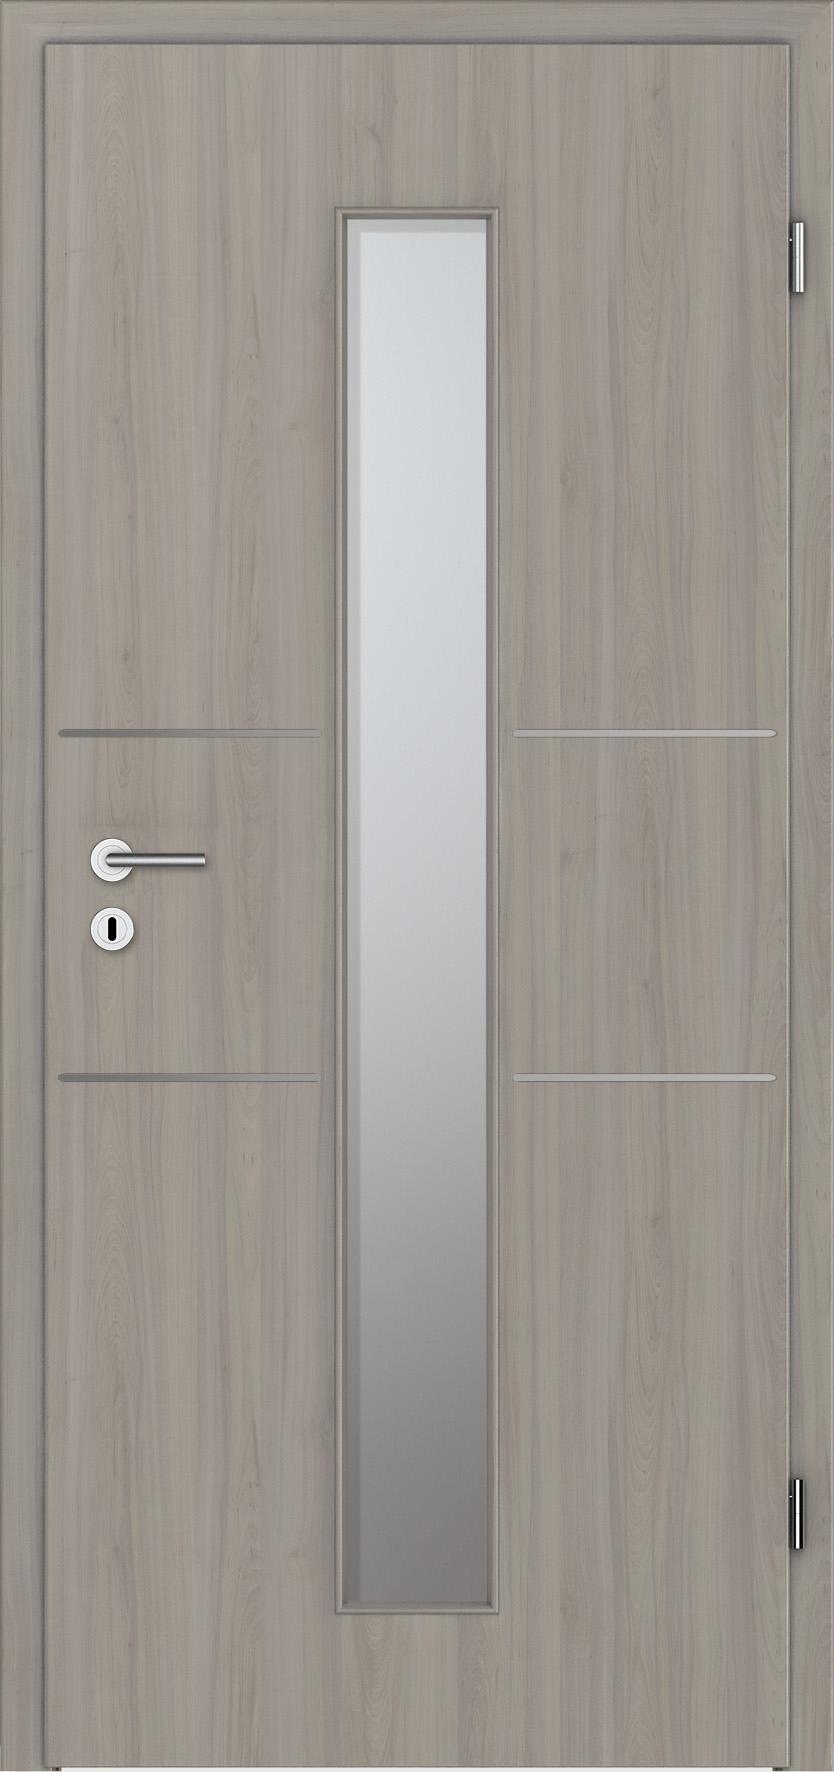 RY-533-LA2 CPL Pera Grey DA